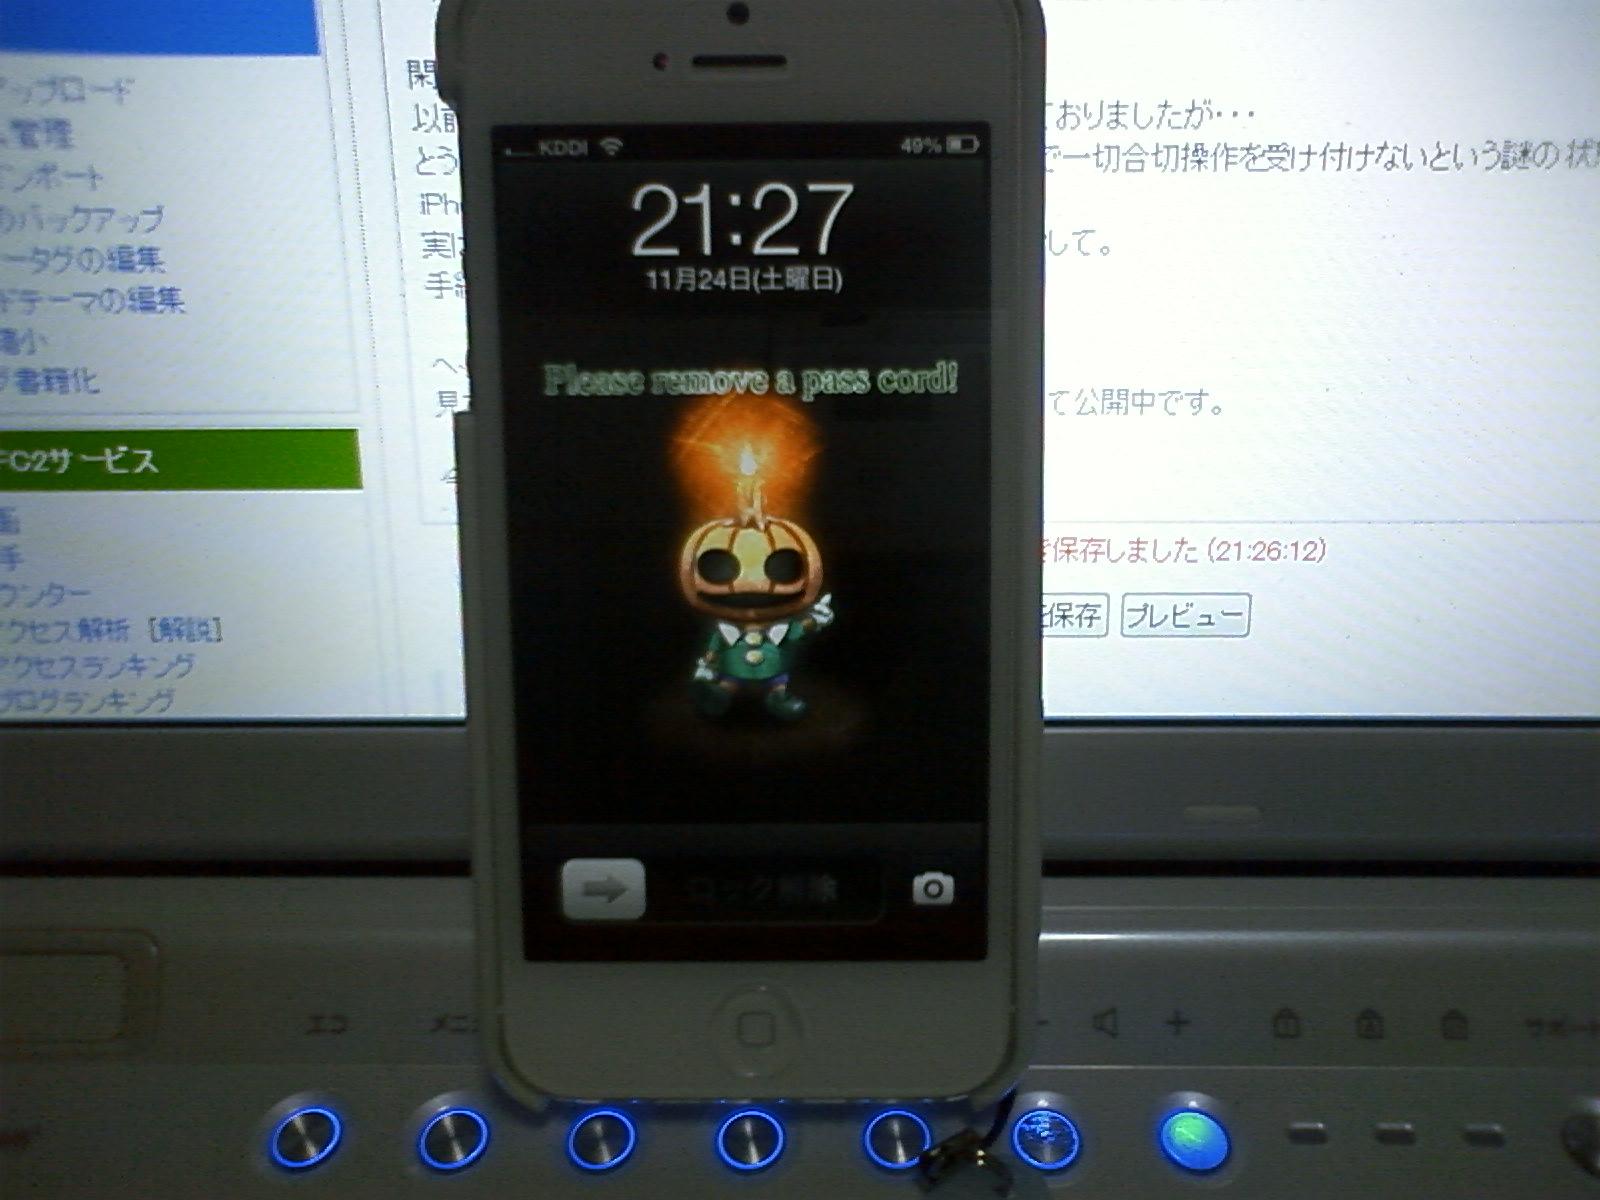 HI3B0001_20121124213449.jpg